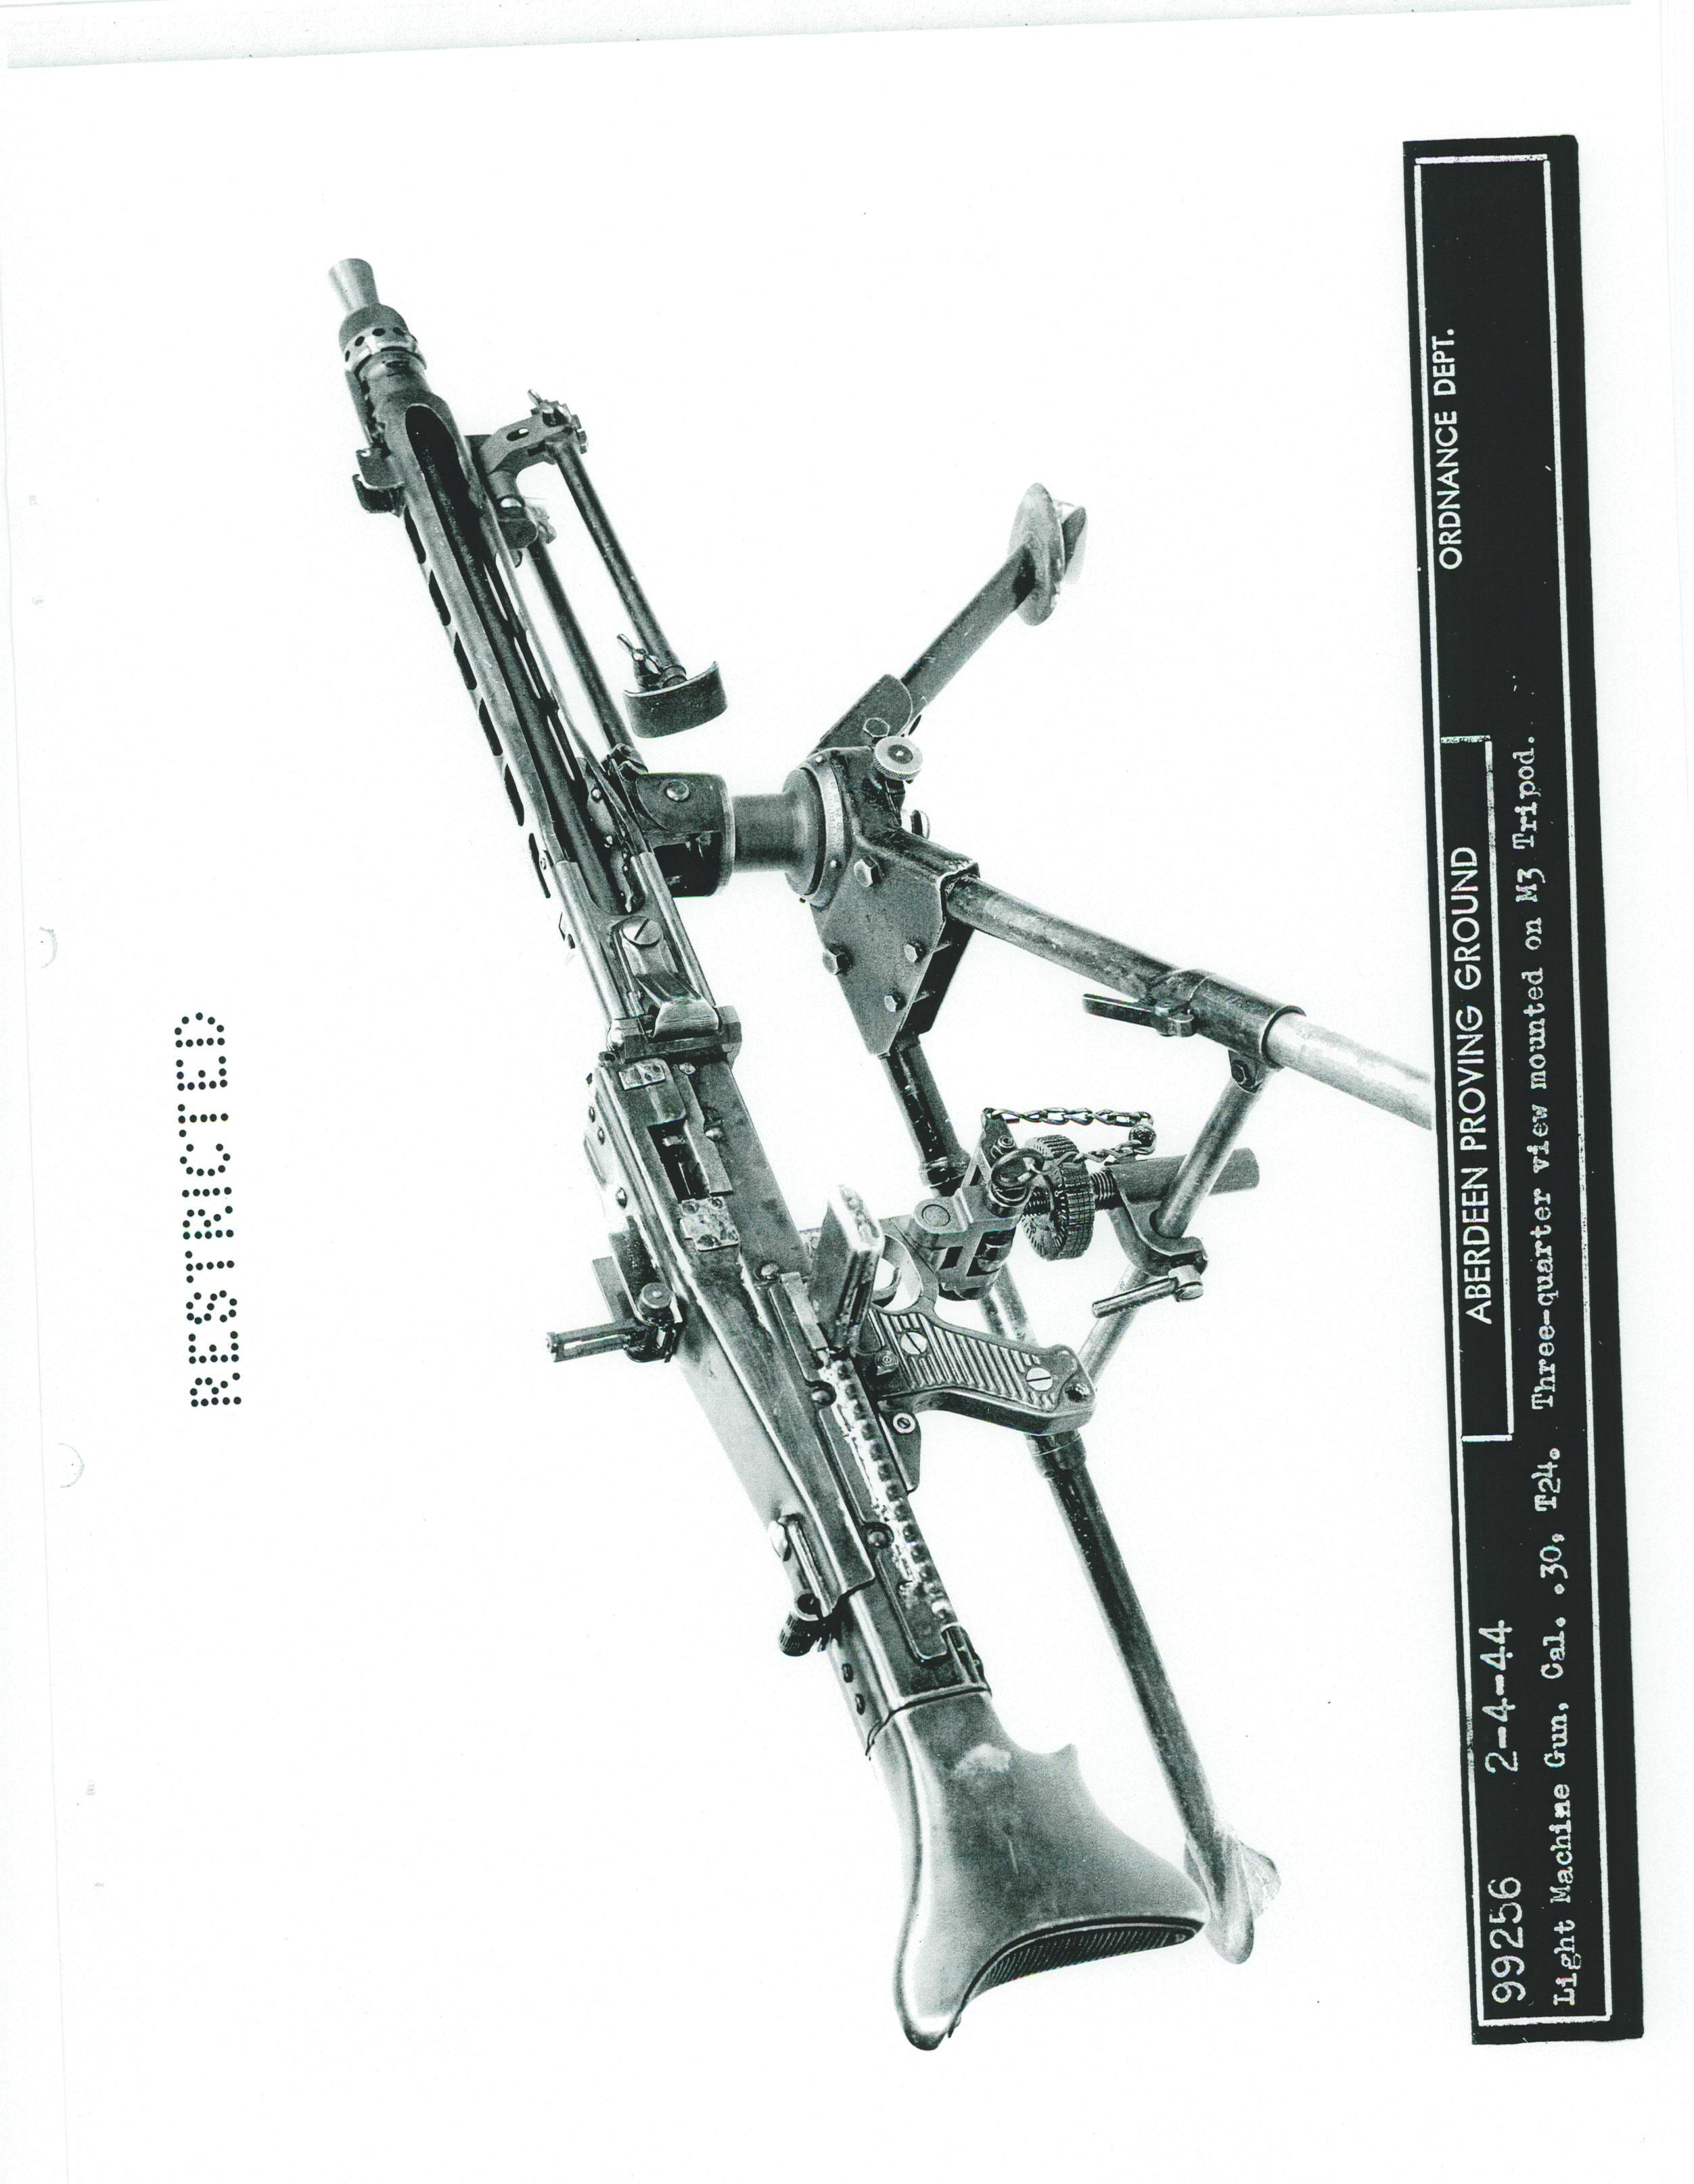 t24 machine gun